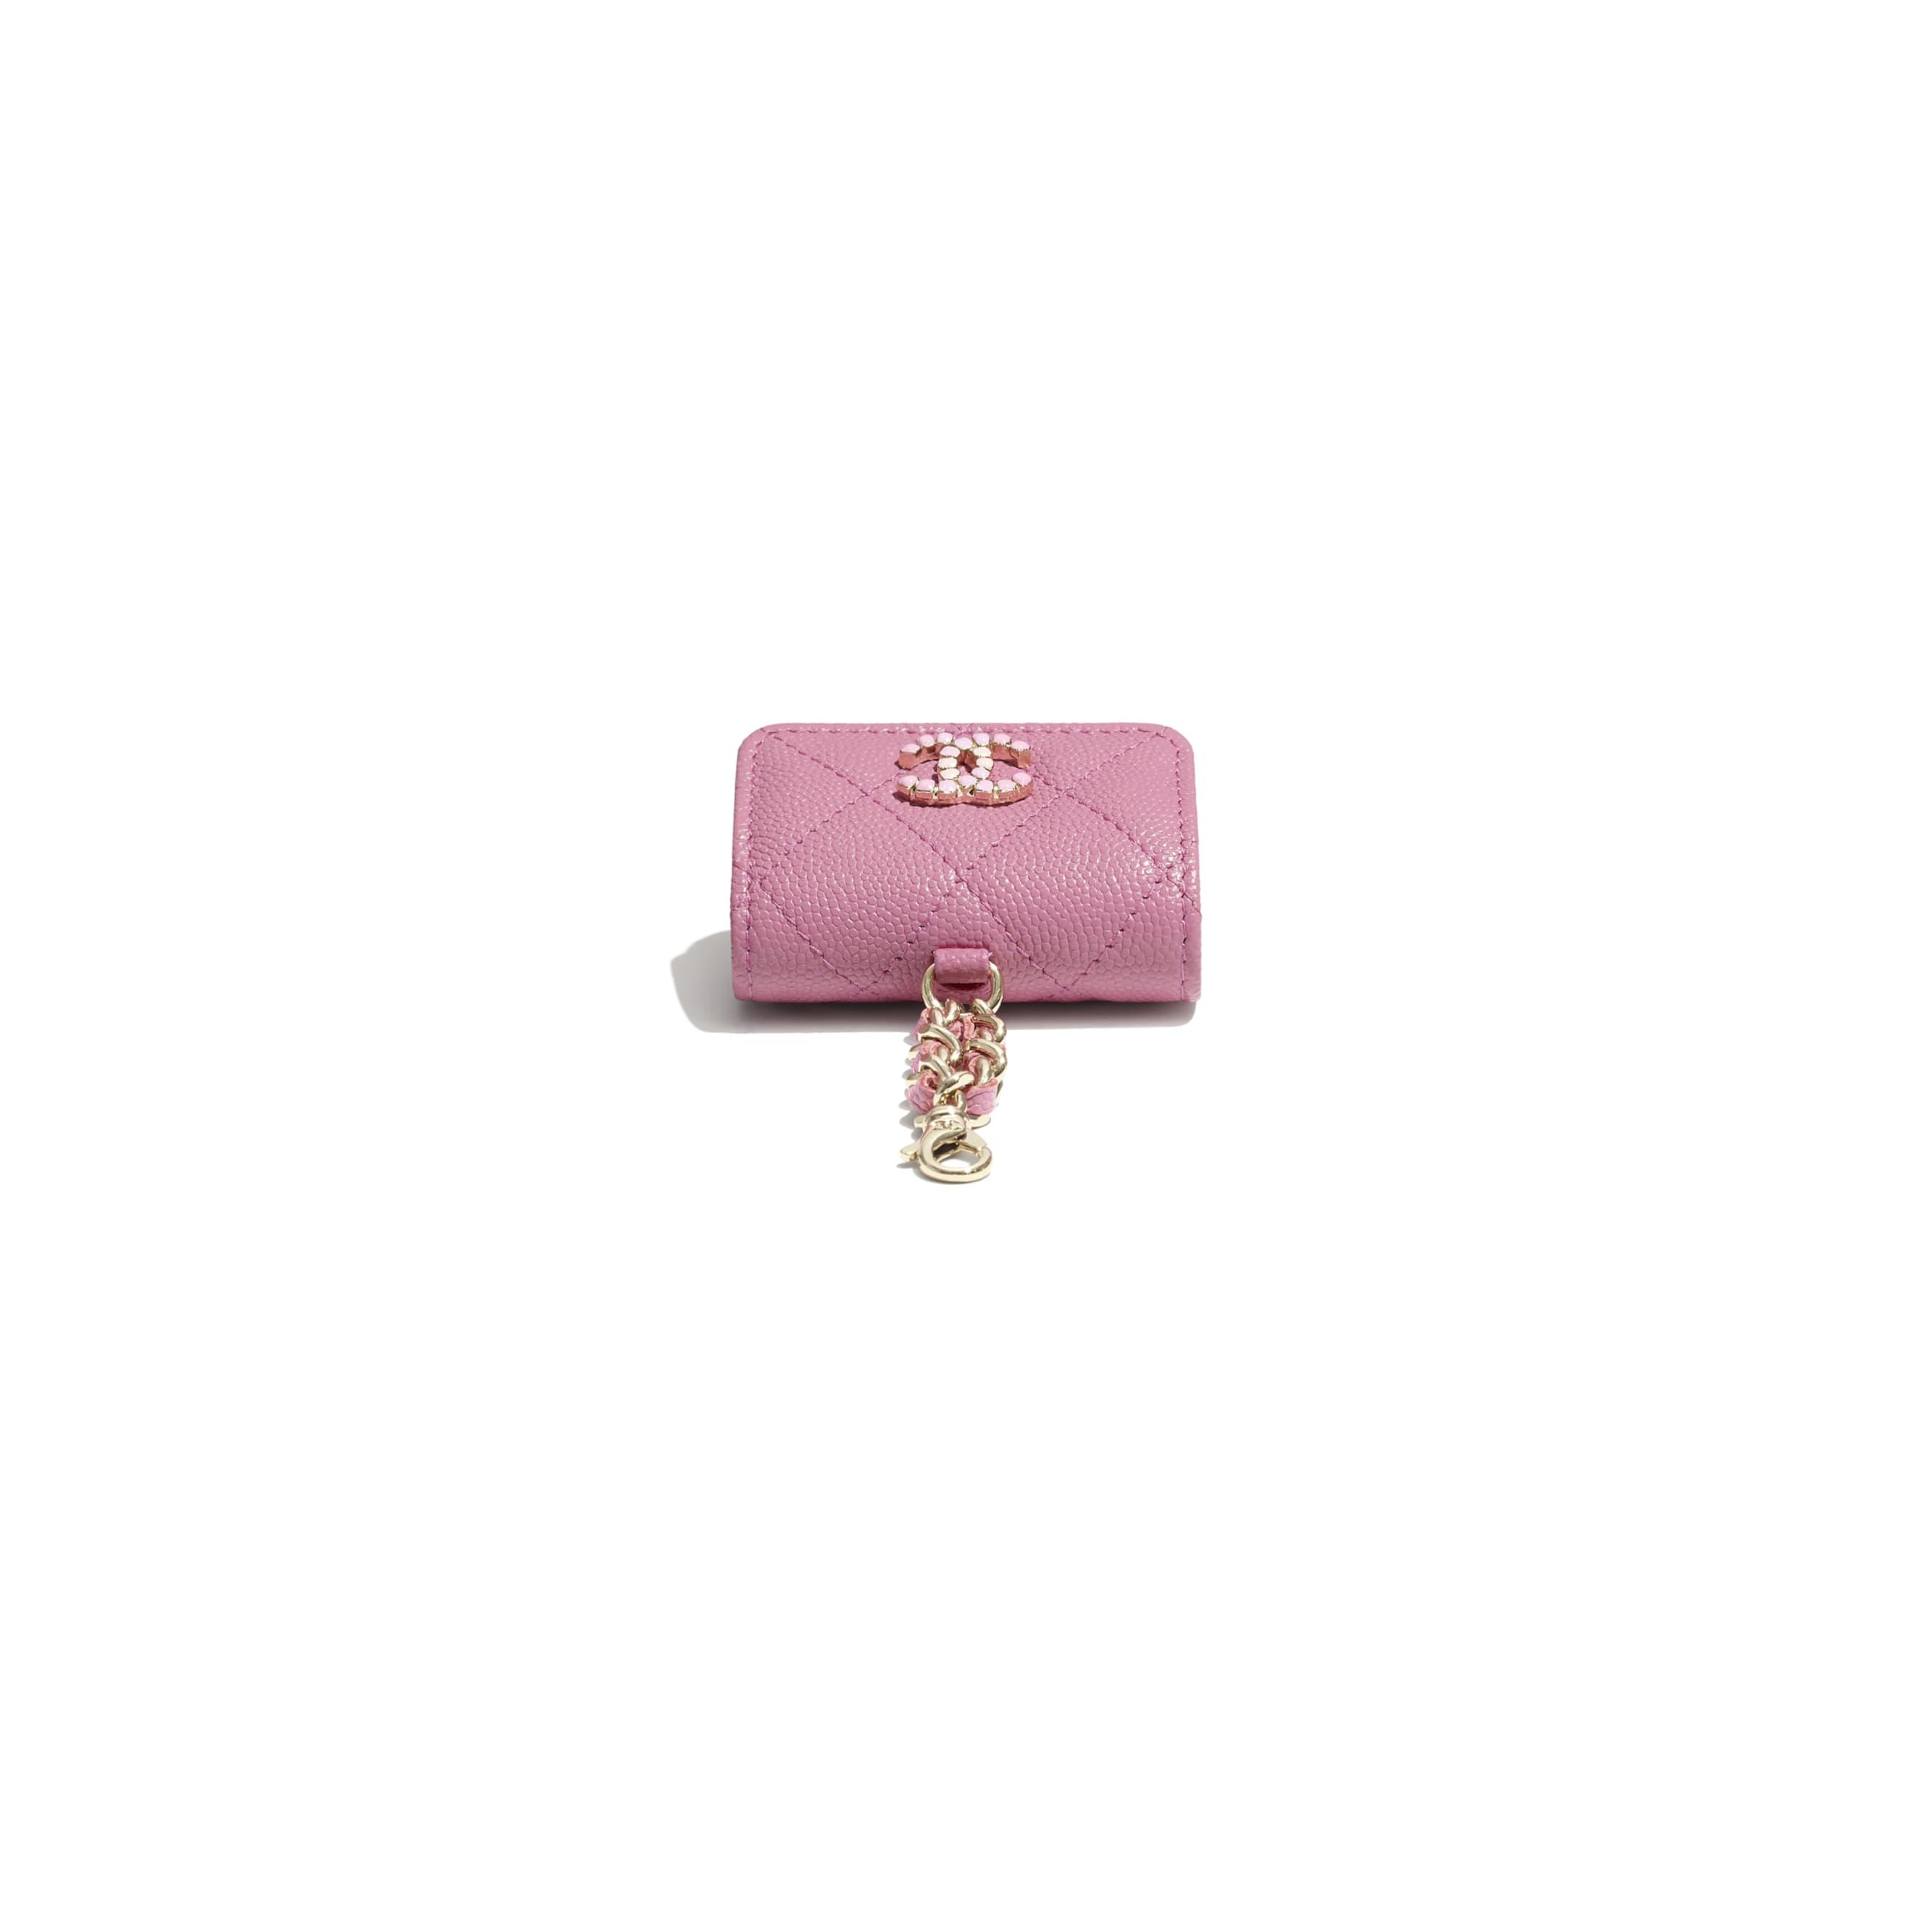 Etui na słuchawki AirPods Pro  - Kolor różowy - Skóra cielęca o ziarnistej fakturze i lakierowany metal w tonacji złotej  - CHANEL - Dodatkowy widok – zobacz w standardowym rozmiarze